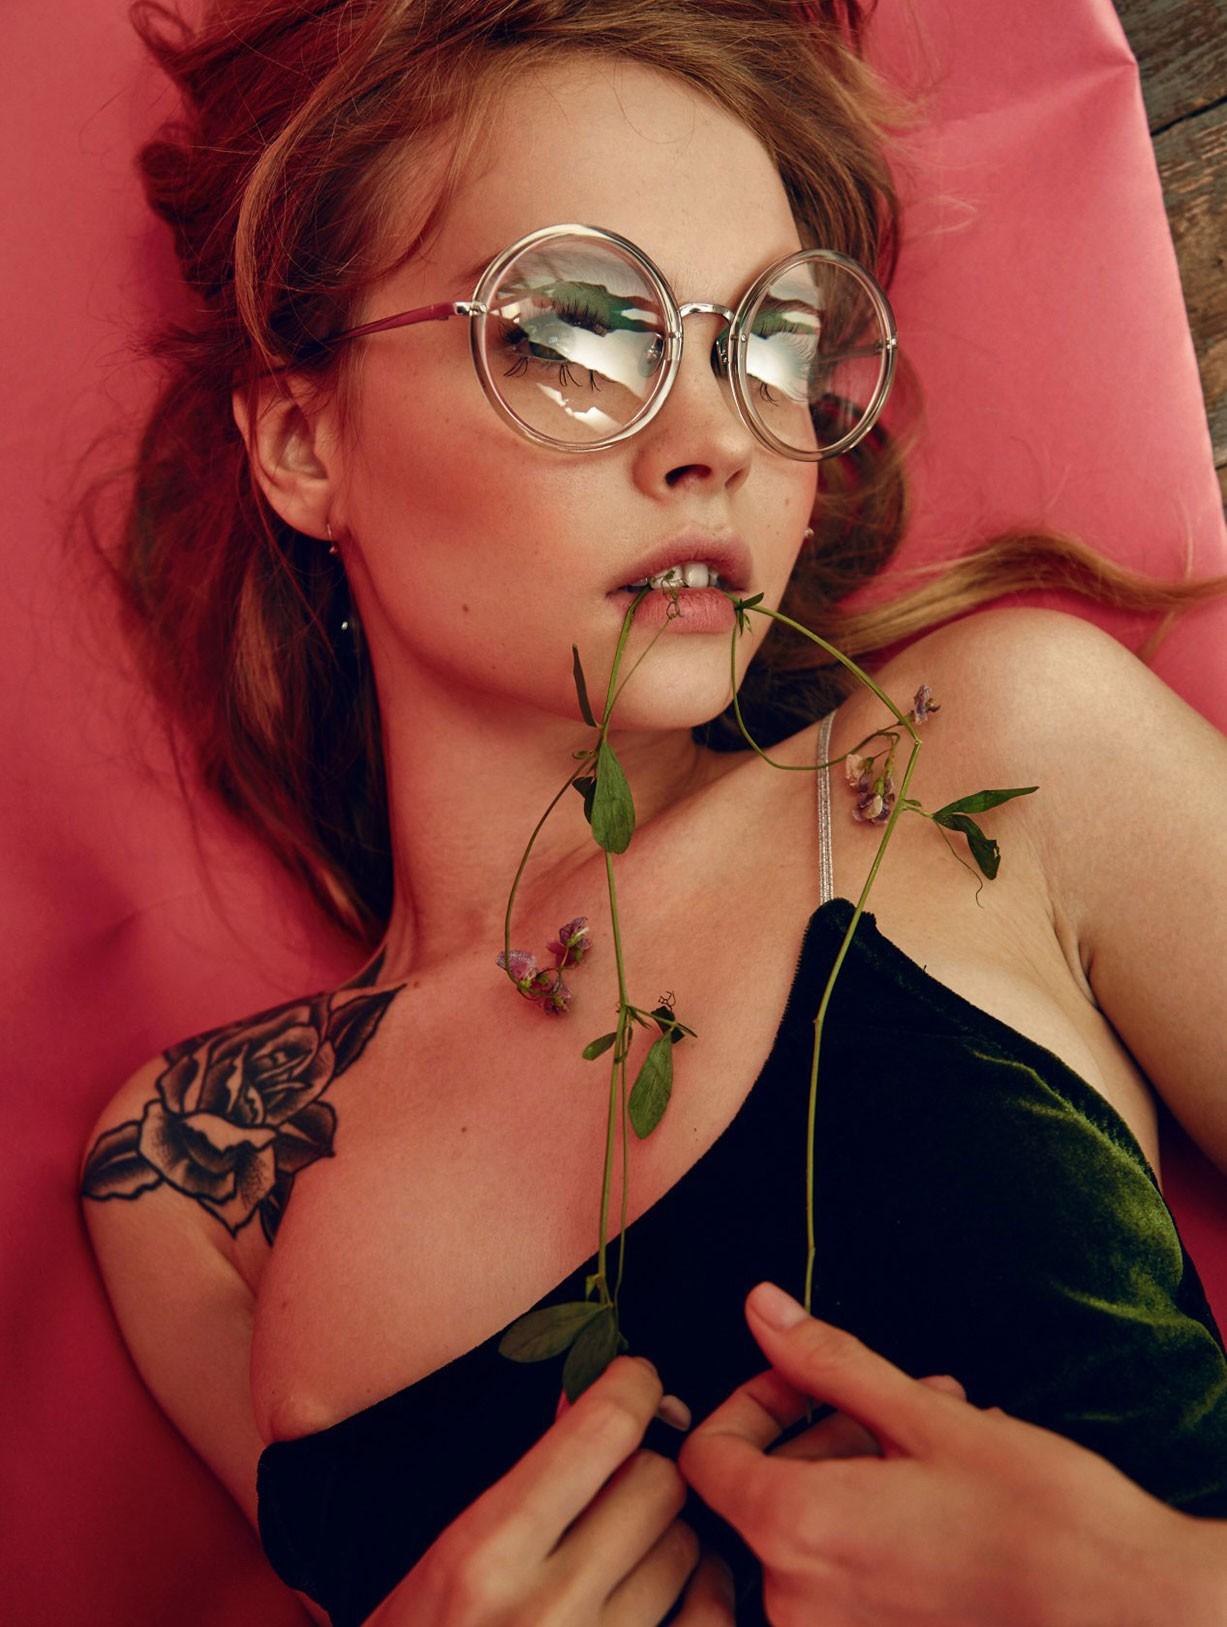 Anastasiya Scheglova by Evgeniy Kuznetsov - EyeRepublic